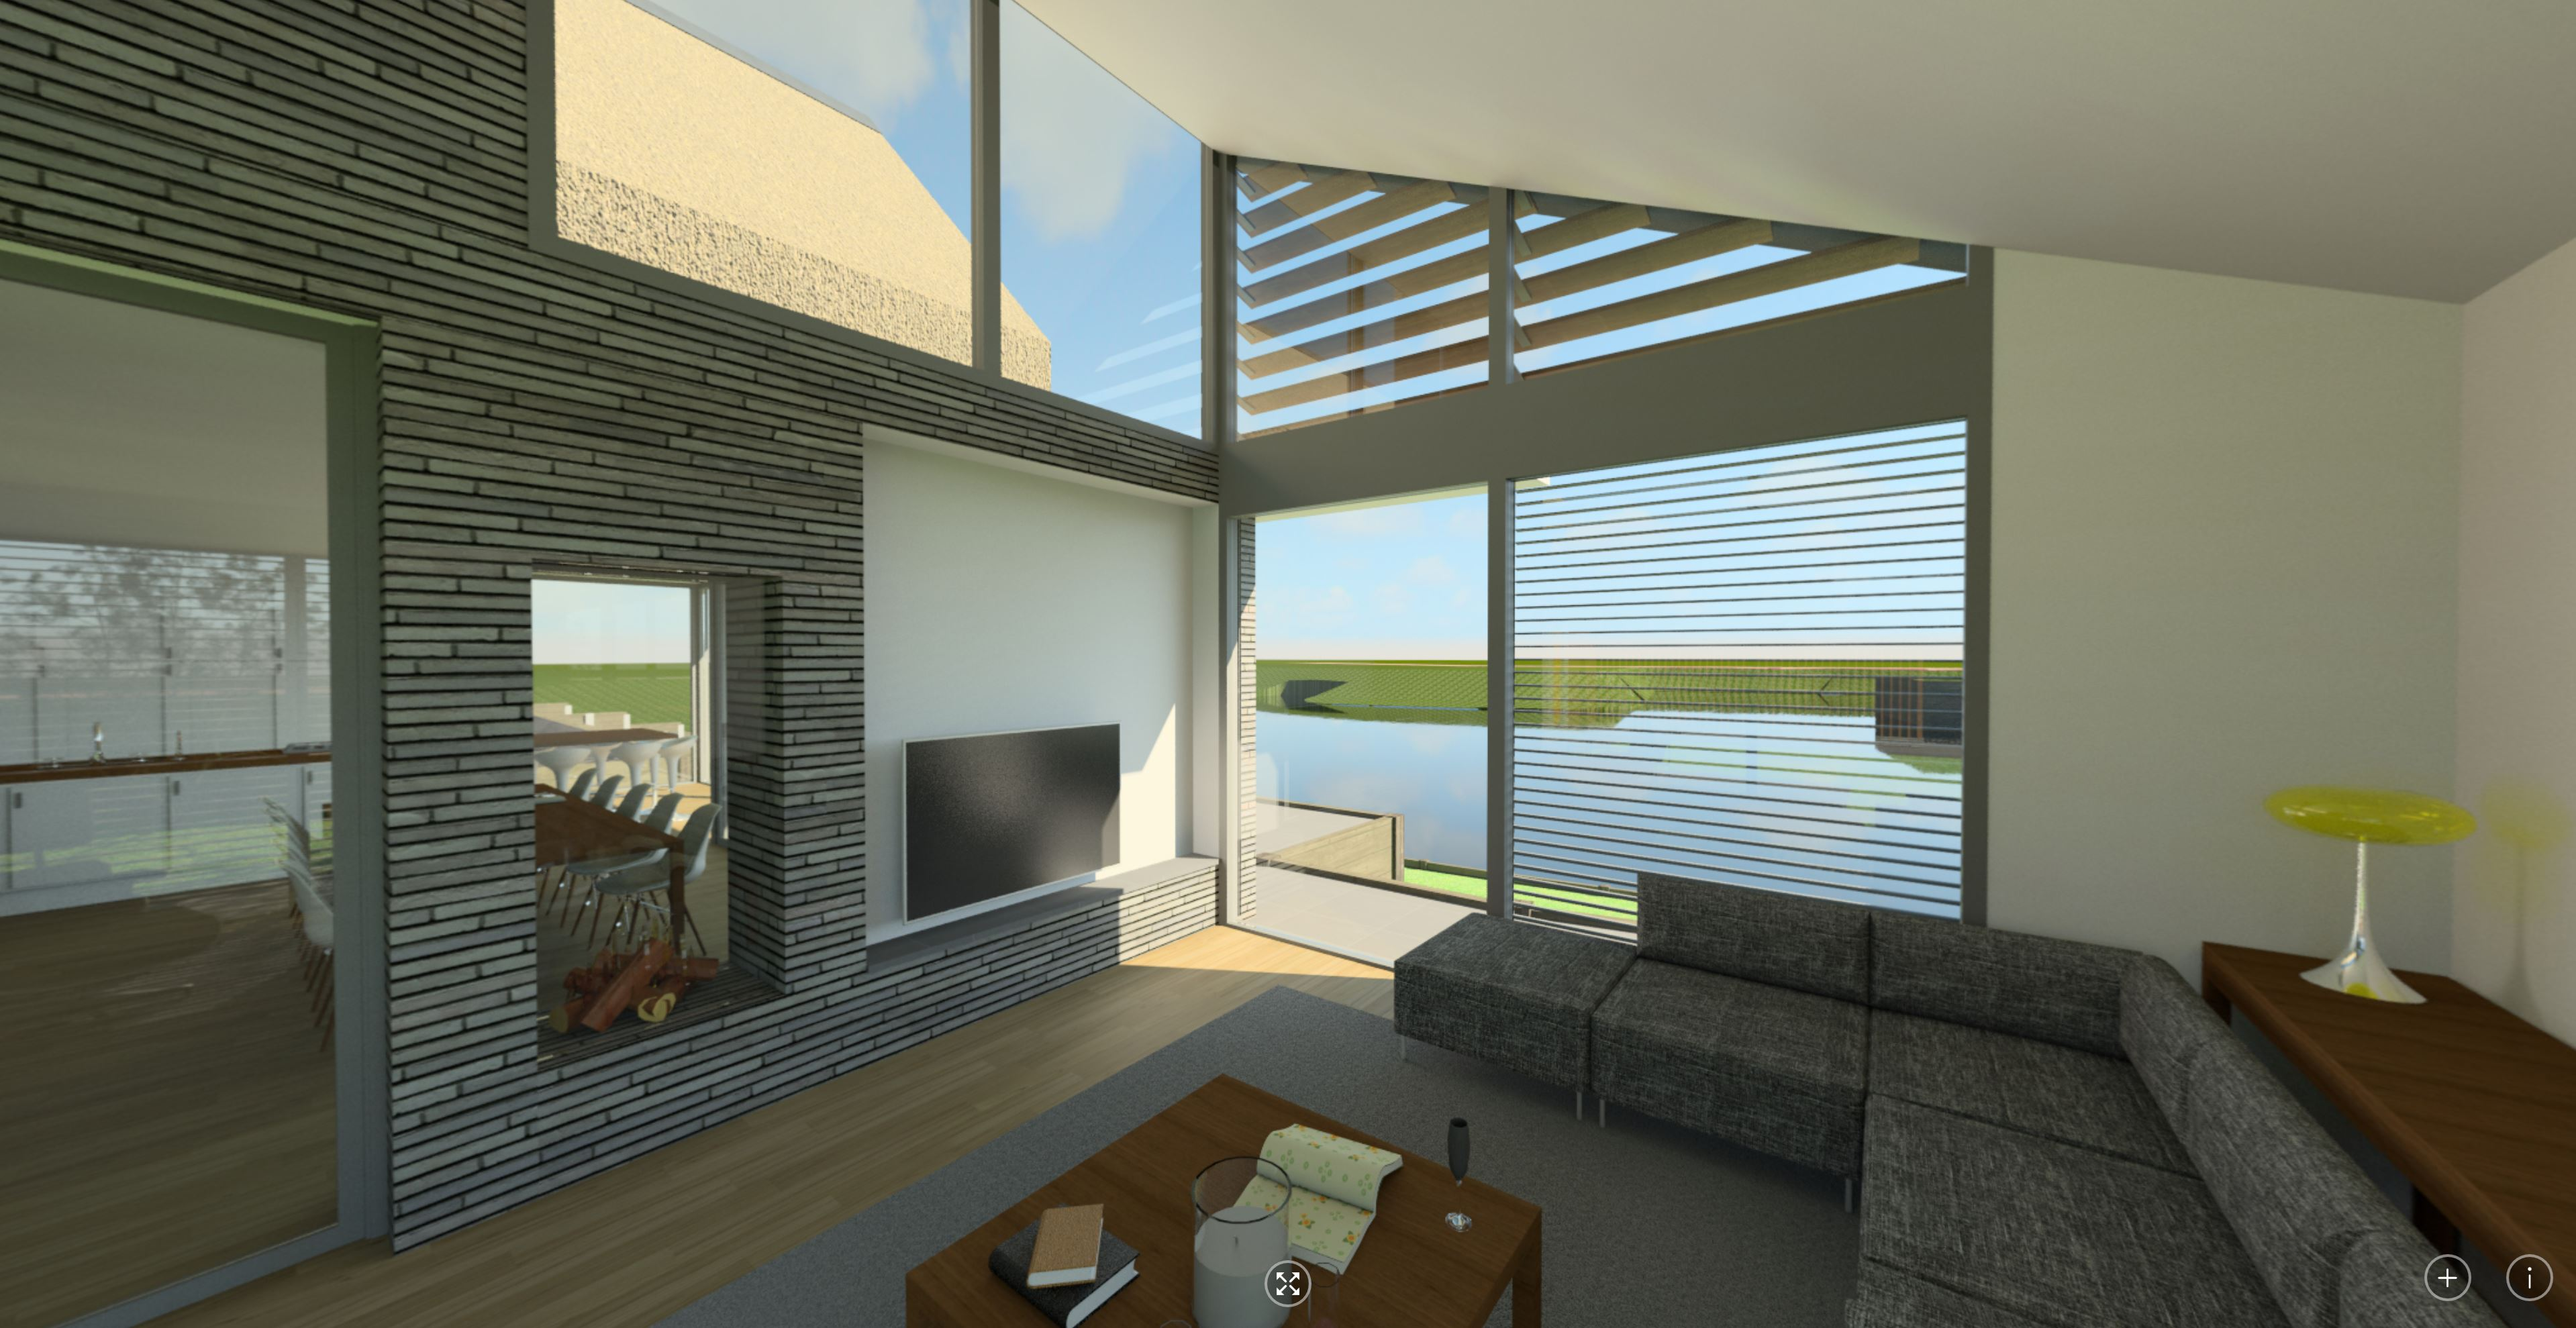 360 interieur woonkamer naar leefkeuken en de binnenhaven | Waterfront De Veene